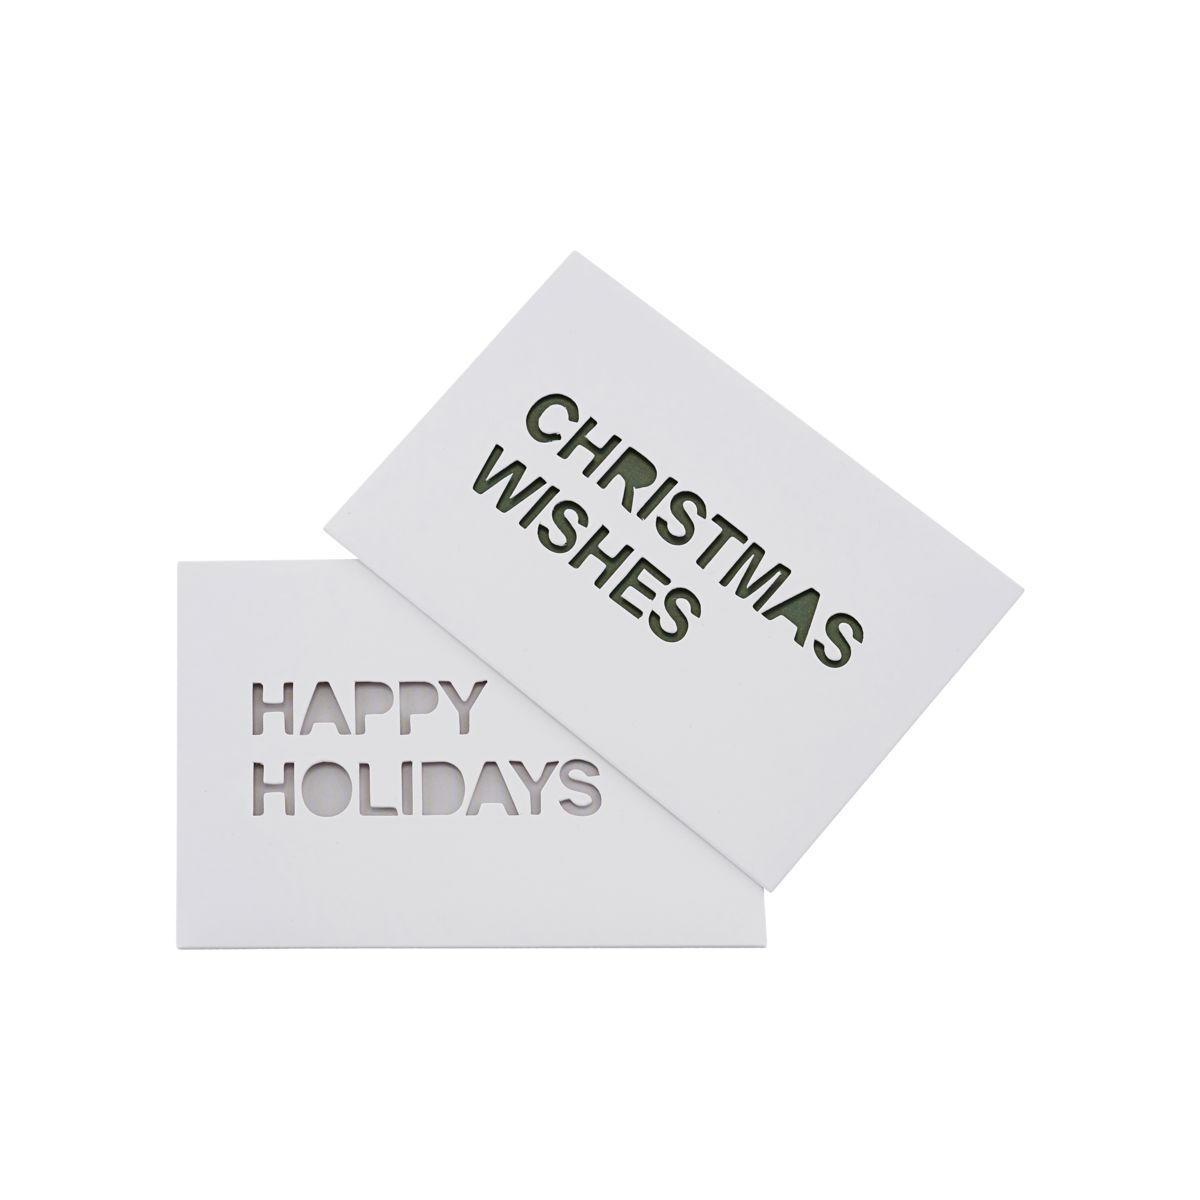 MONOGRAPH Vánoční přání X-mas - set 2ks, bílá barva, papír